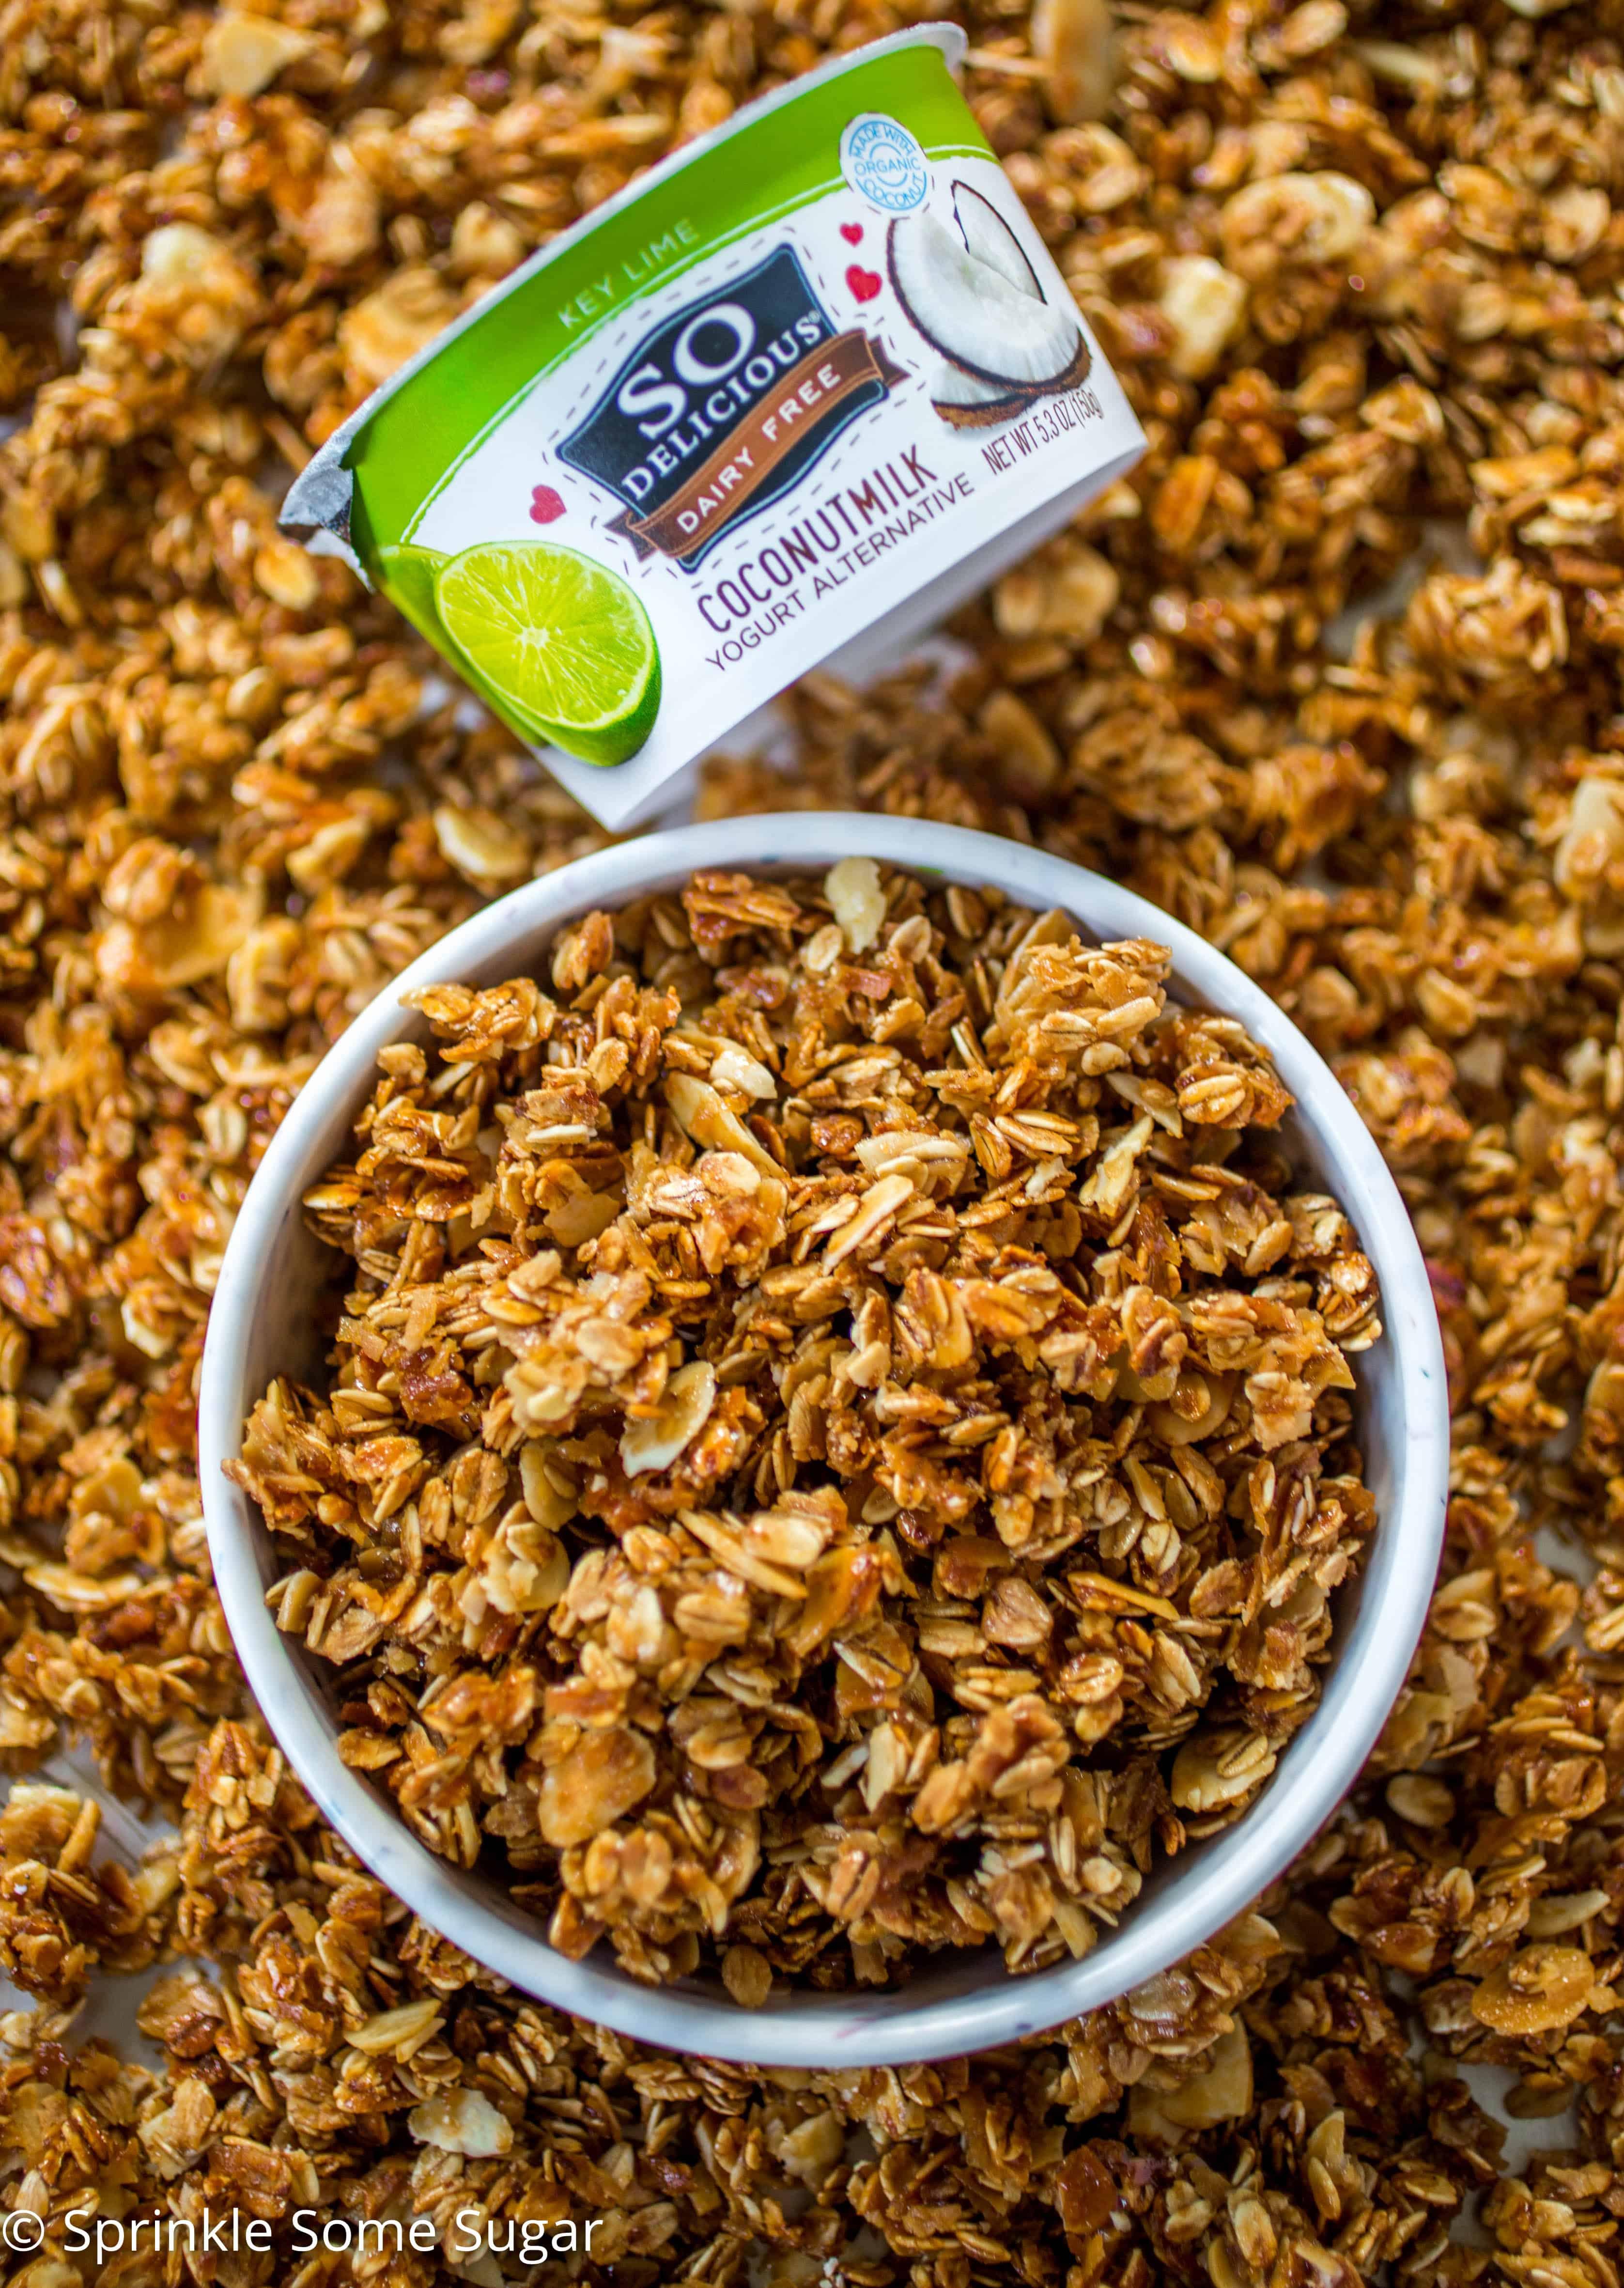 Vanilla Coconut Almond Granola - Flavors of vanilla, coconut and almond fill this healthier spin on granola!